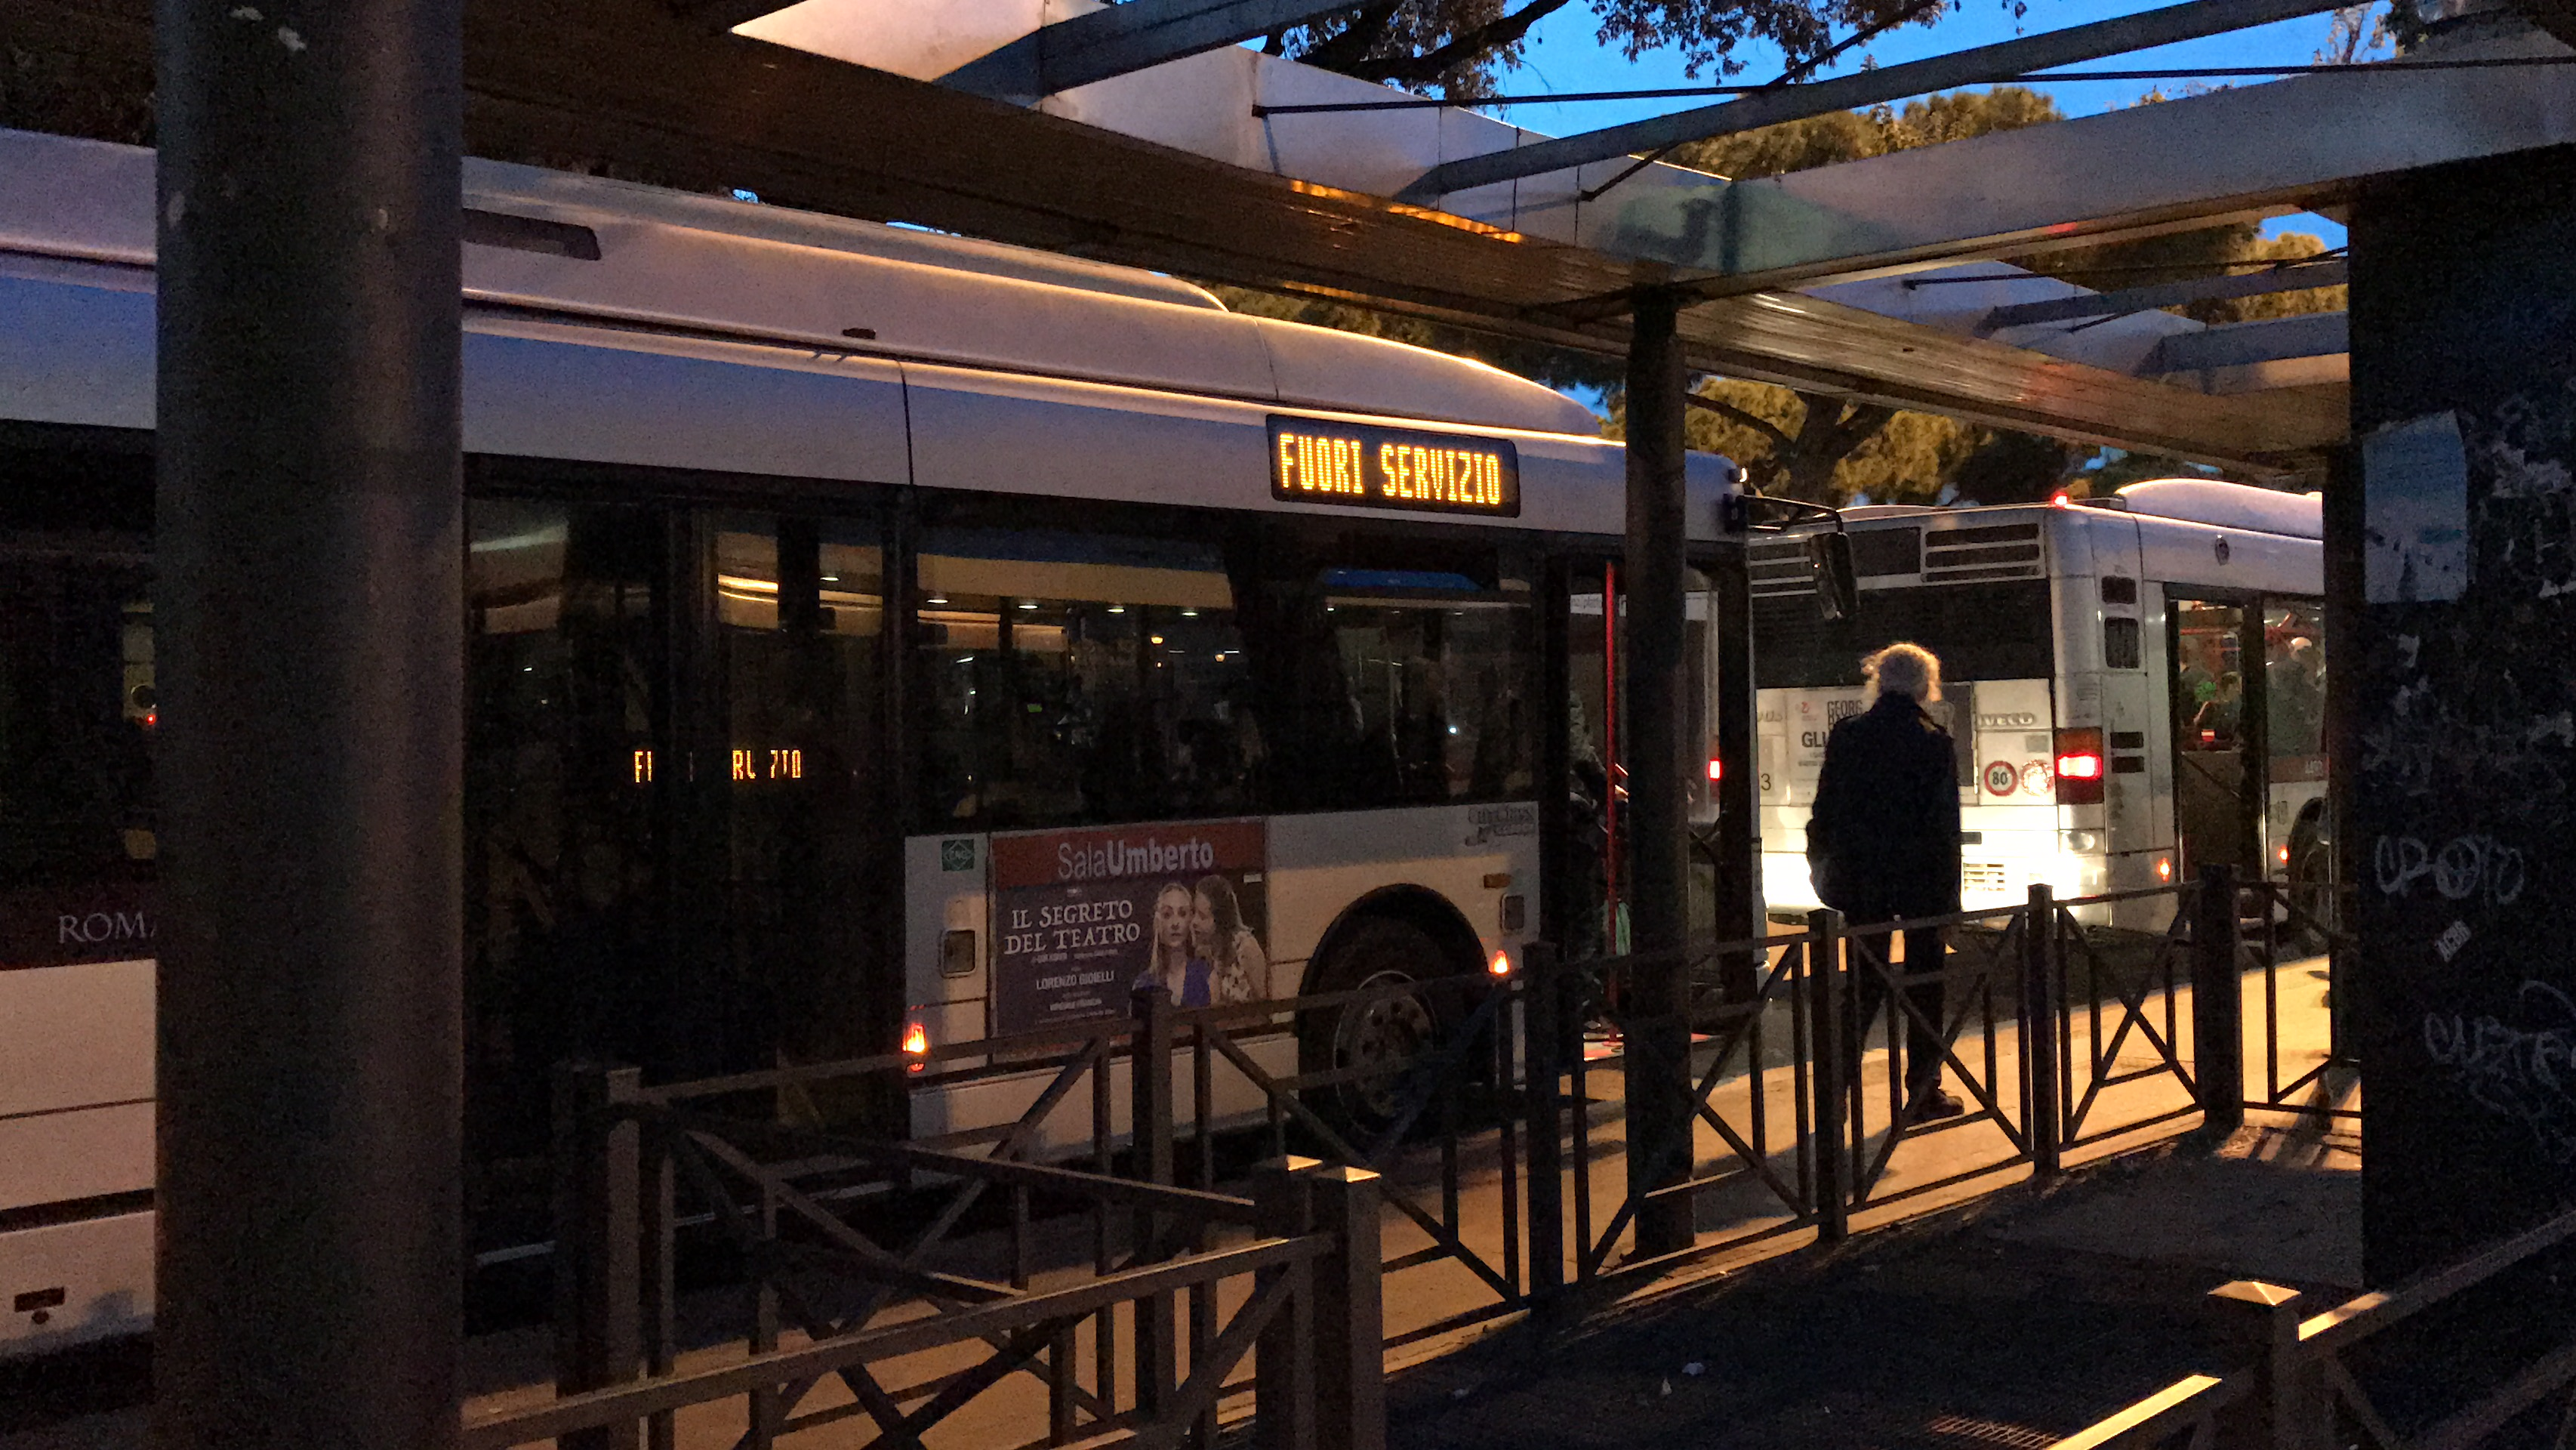 Caos atac cos va in fumo il trasporto pubblico a roma for Roma mobile atac